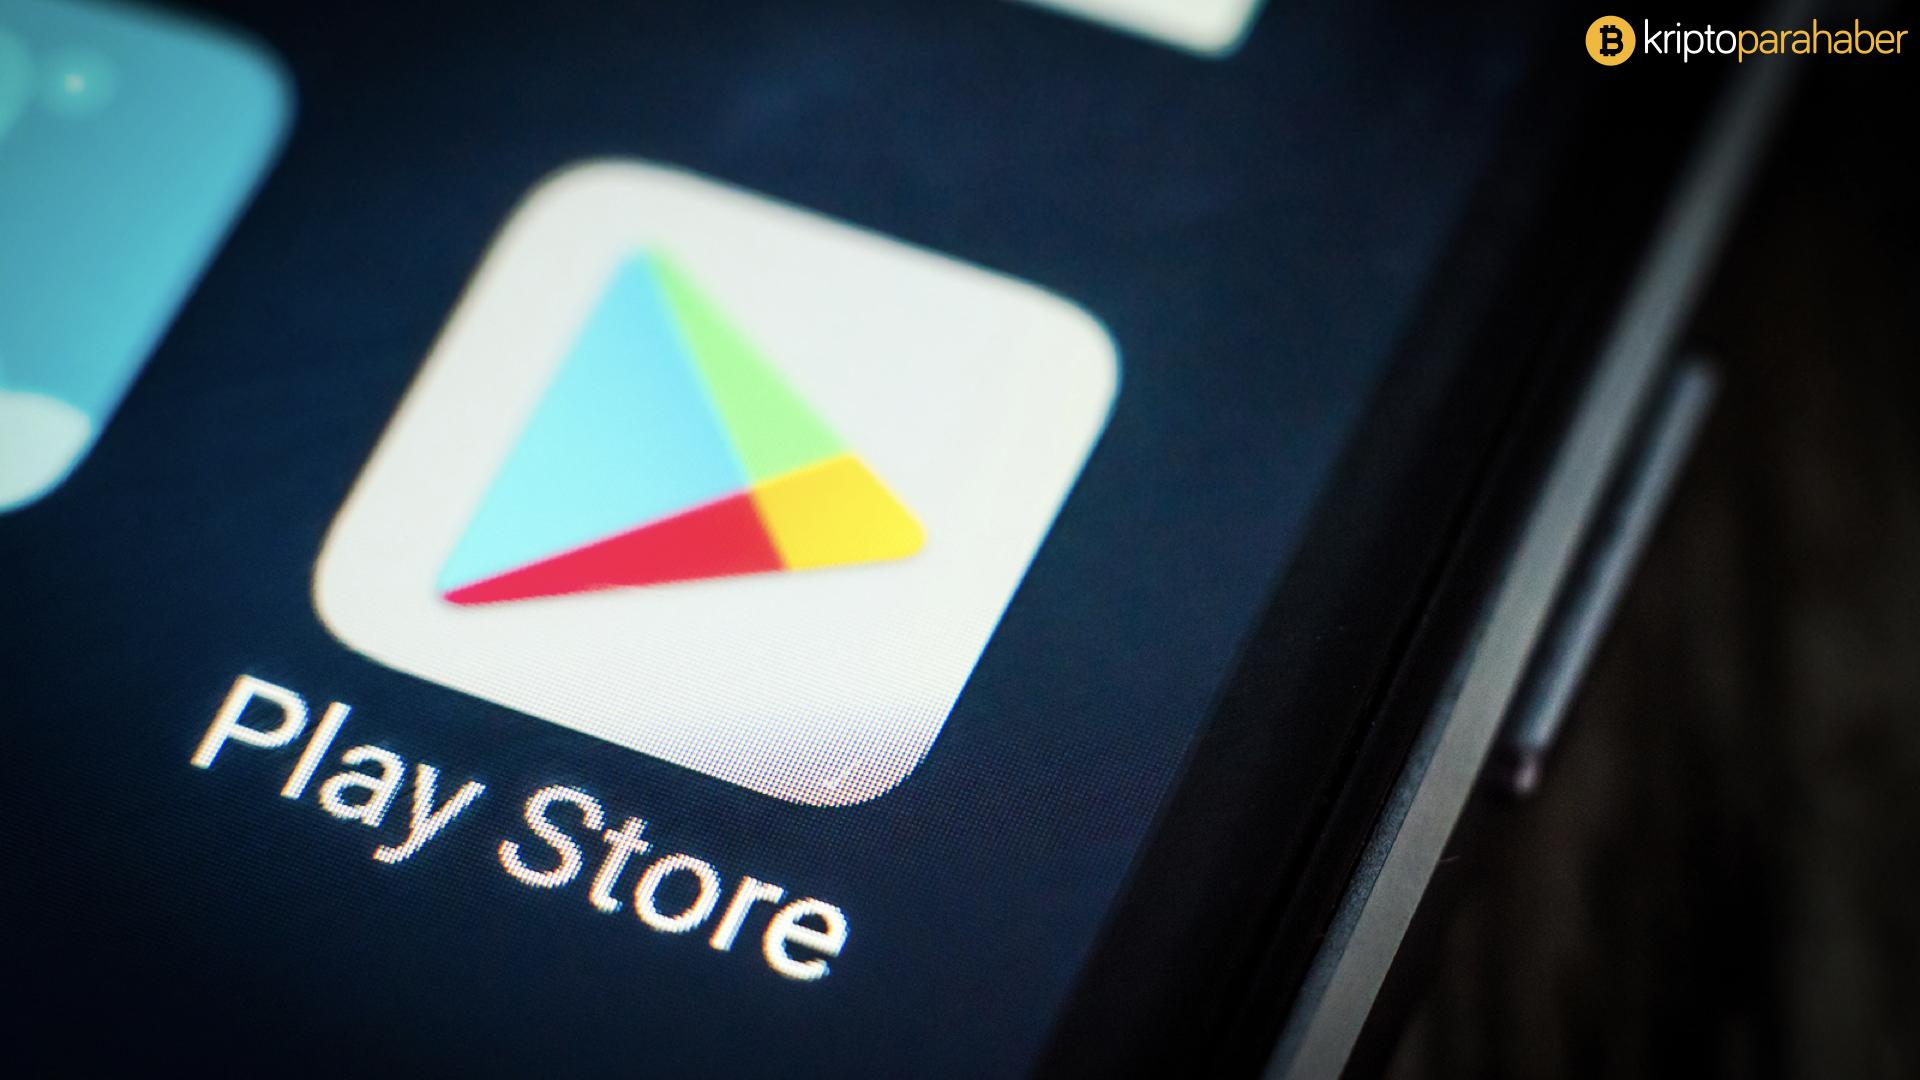 Google'ın kripto madencilik uygulamaları yasağı delindi mi?